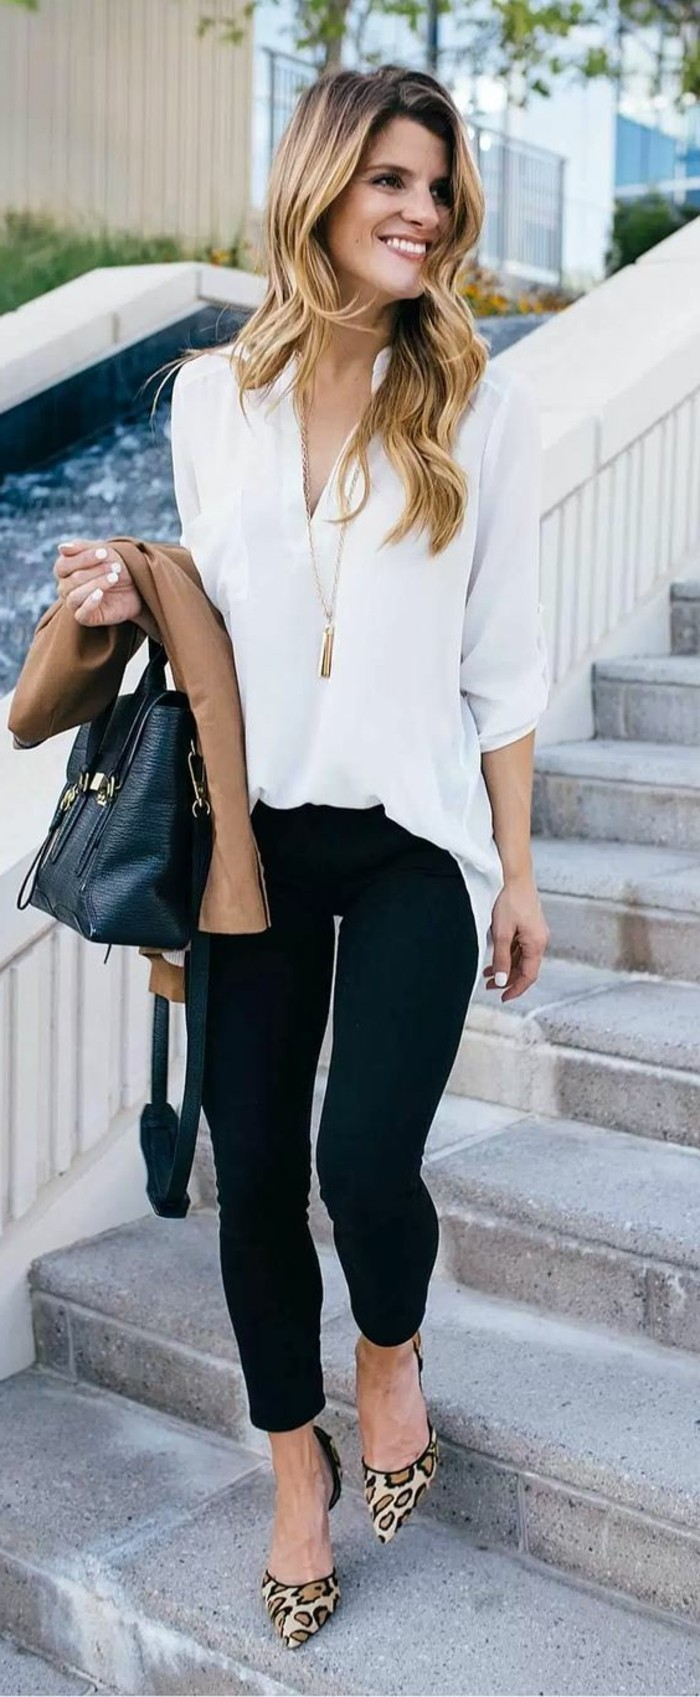 business-kleider-weise-elegante-bluse-schwarze-hose-beige-jacke-schwarze-tasche-hohe-tigerschuhe